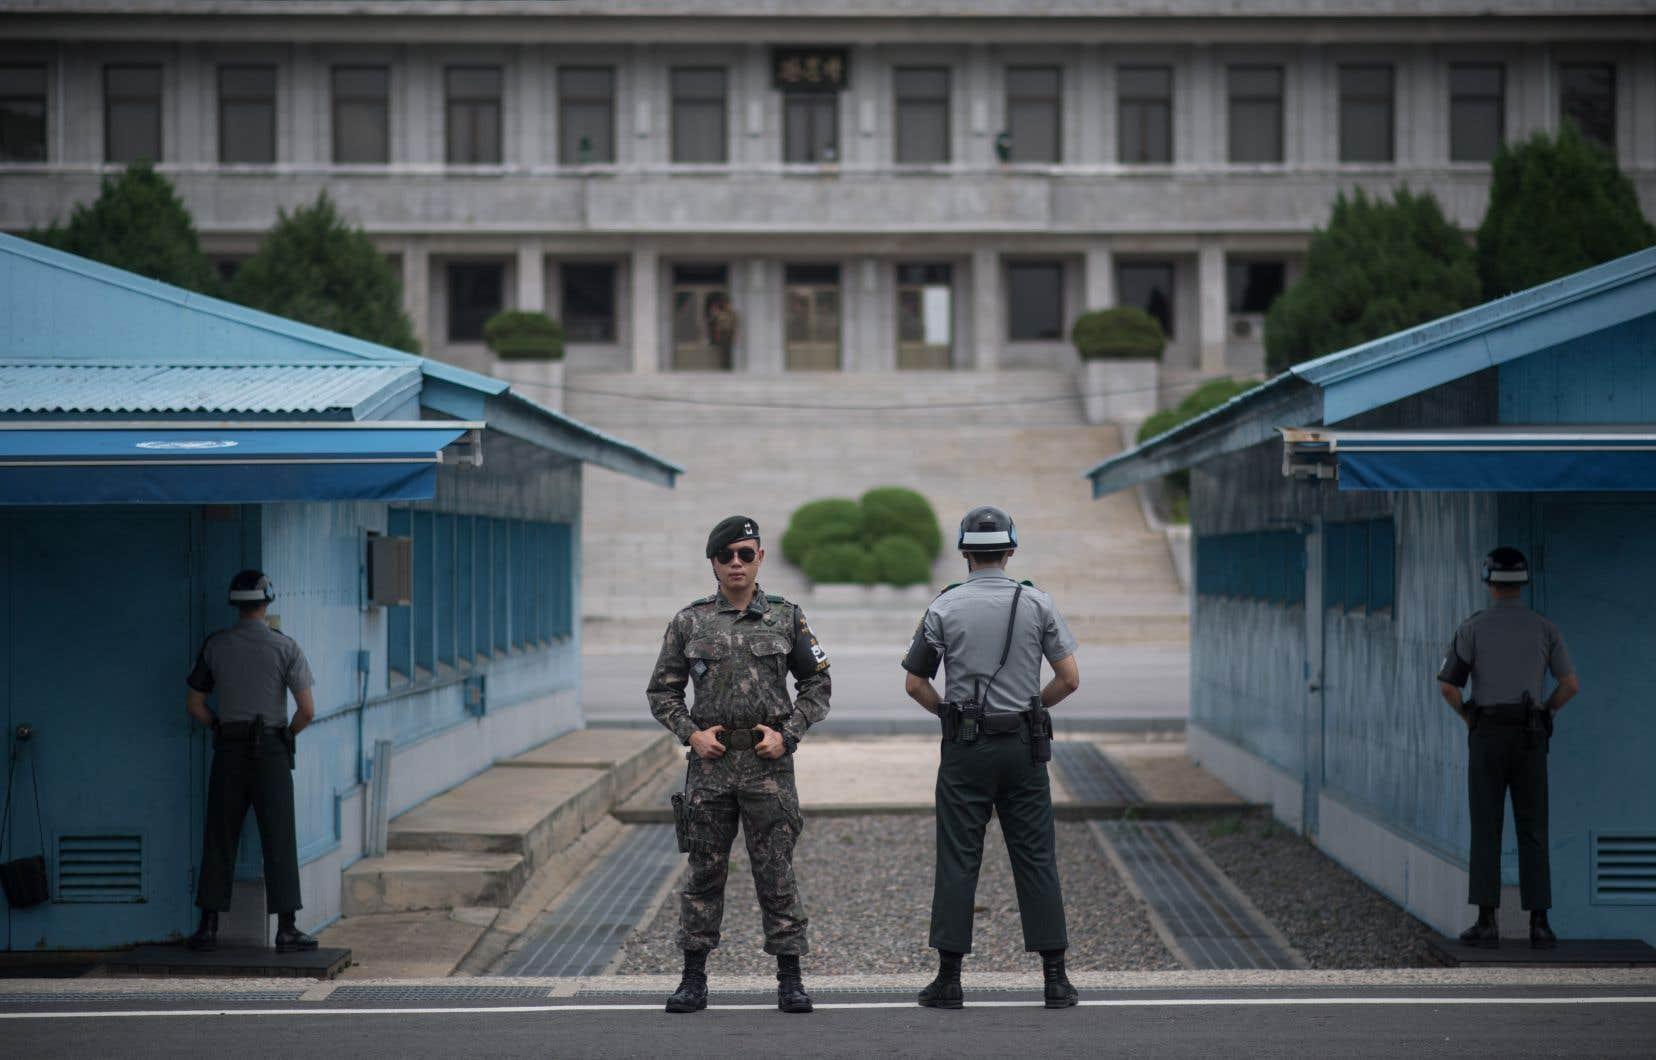 La rencontre aura lieu à Panmunjom, village frontalier où fut signé le cessez-le-feu de la guerre de Corée (1950-1953).